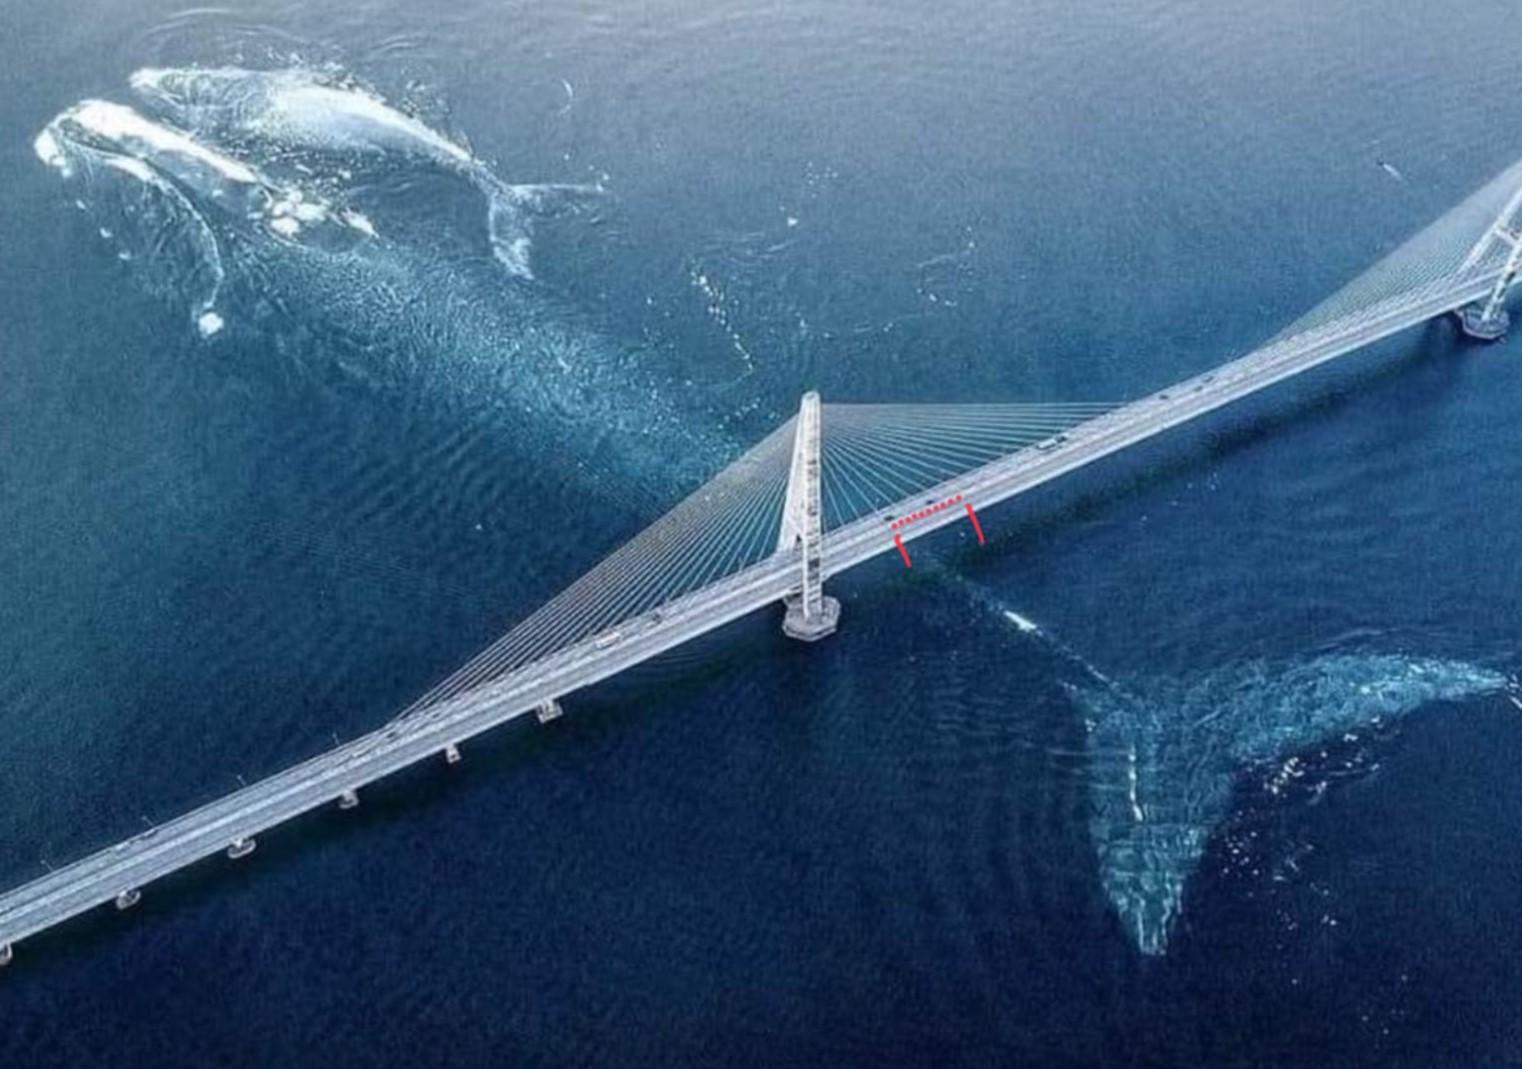 Fake whale photo